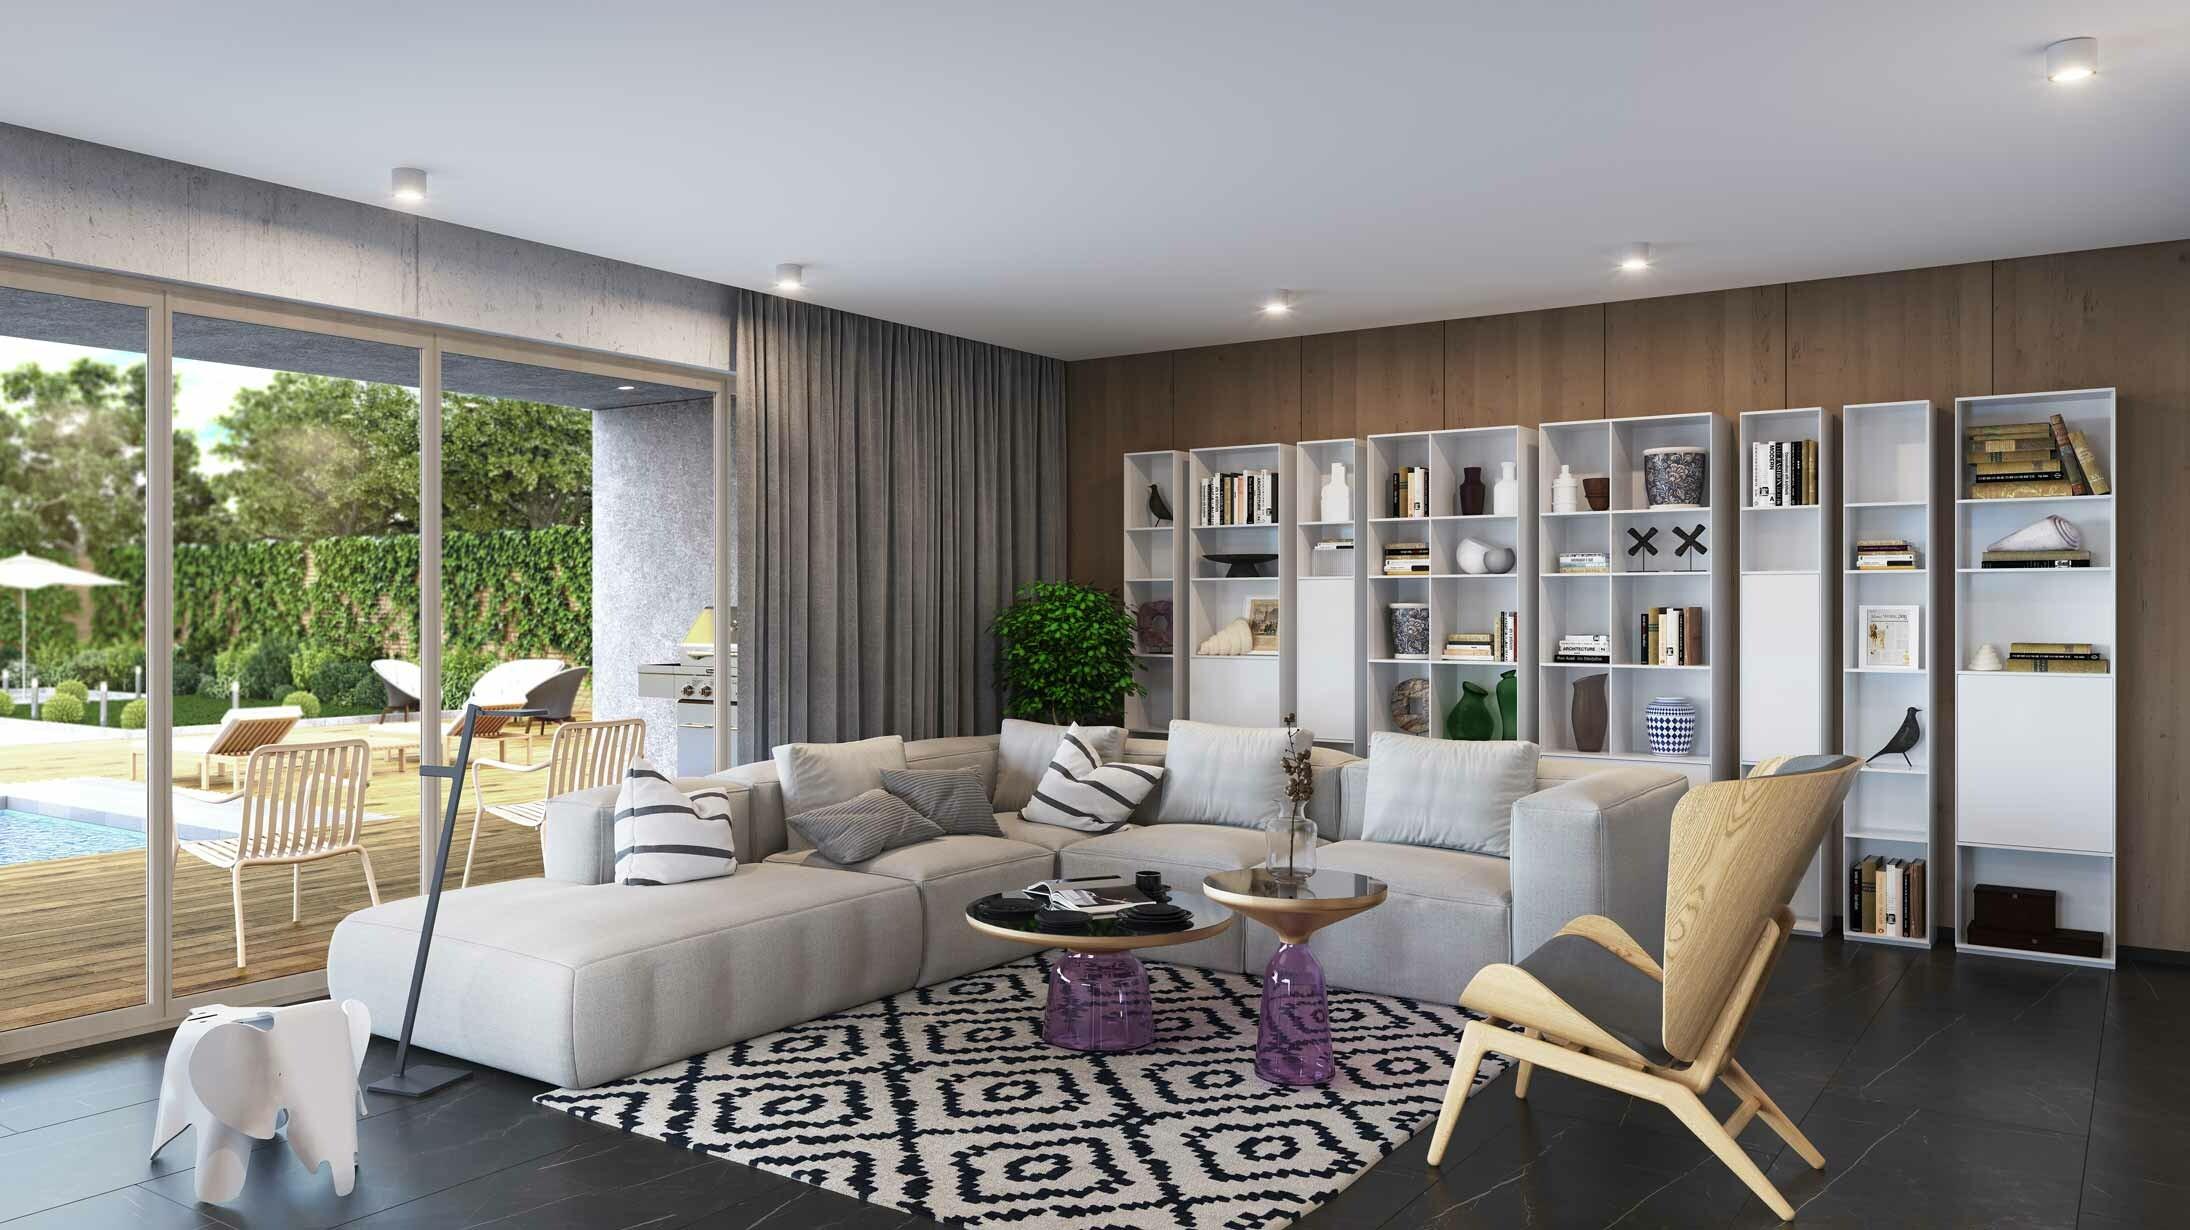 Das Wohnzimmer – Ideen und Beispiele für Ihre Einrichtung!  cairo.de